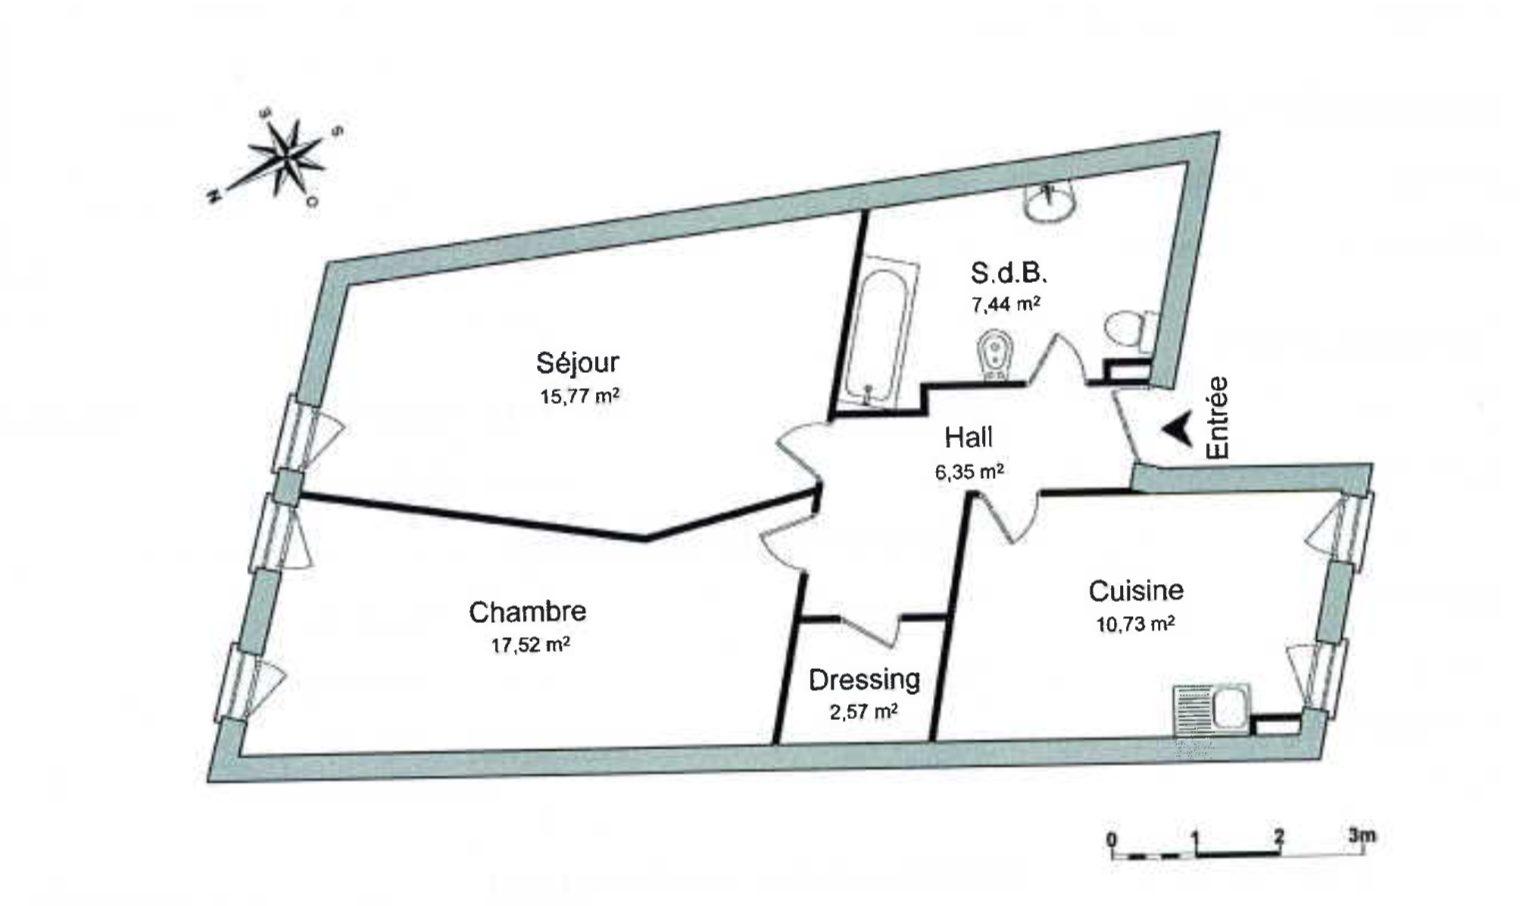 2 PIÈCES RUE DE ZURICH - Devenez locataire en toute sérénité - Bintz Immobilier - 2